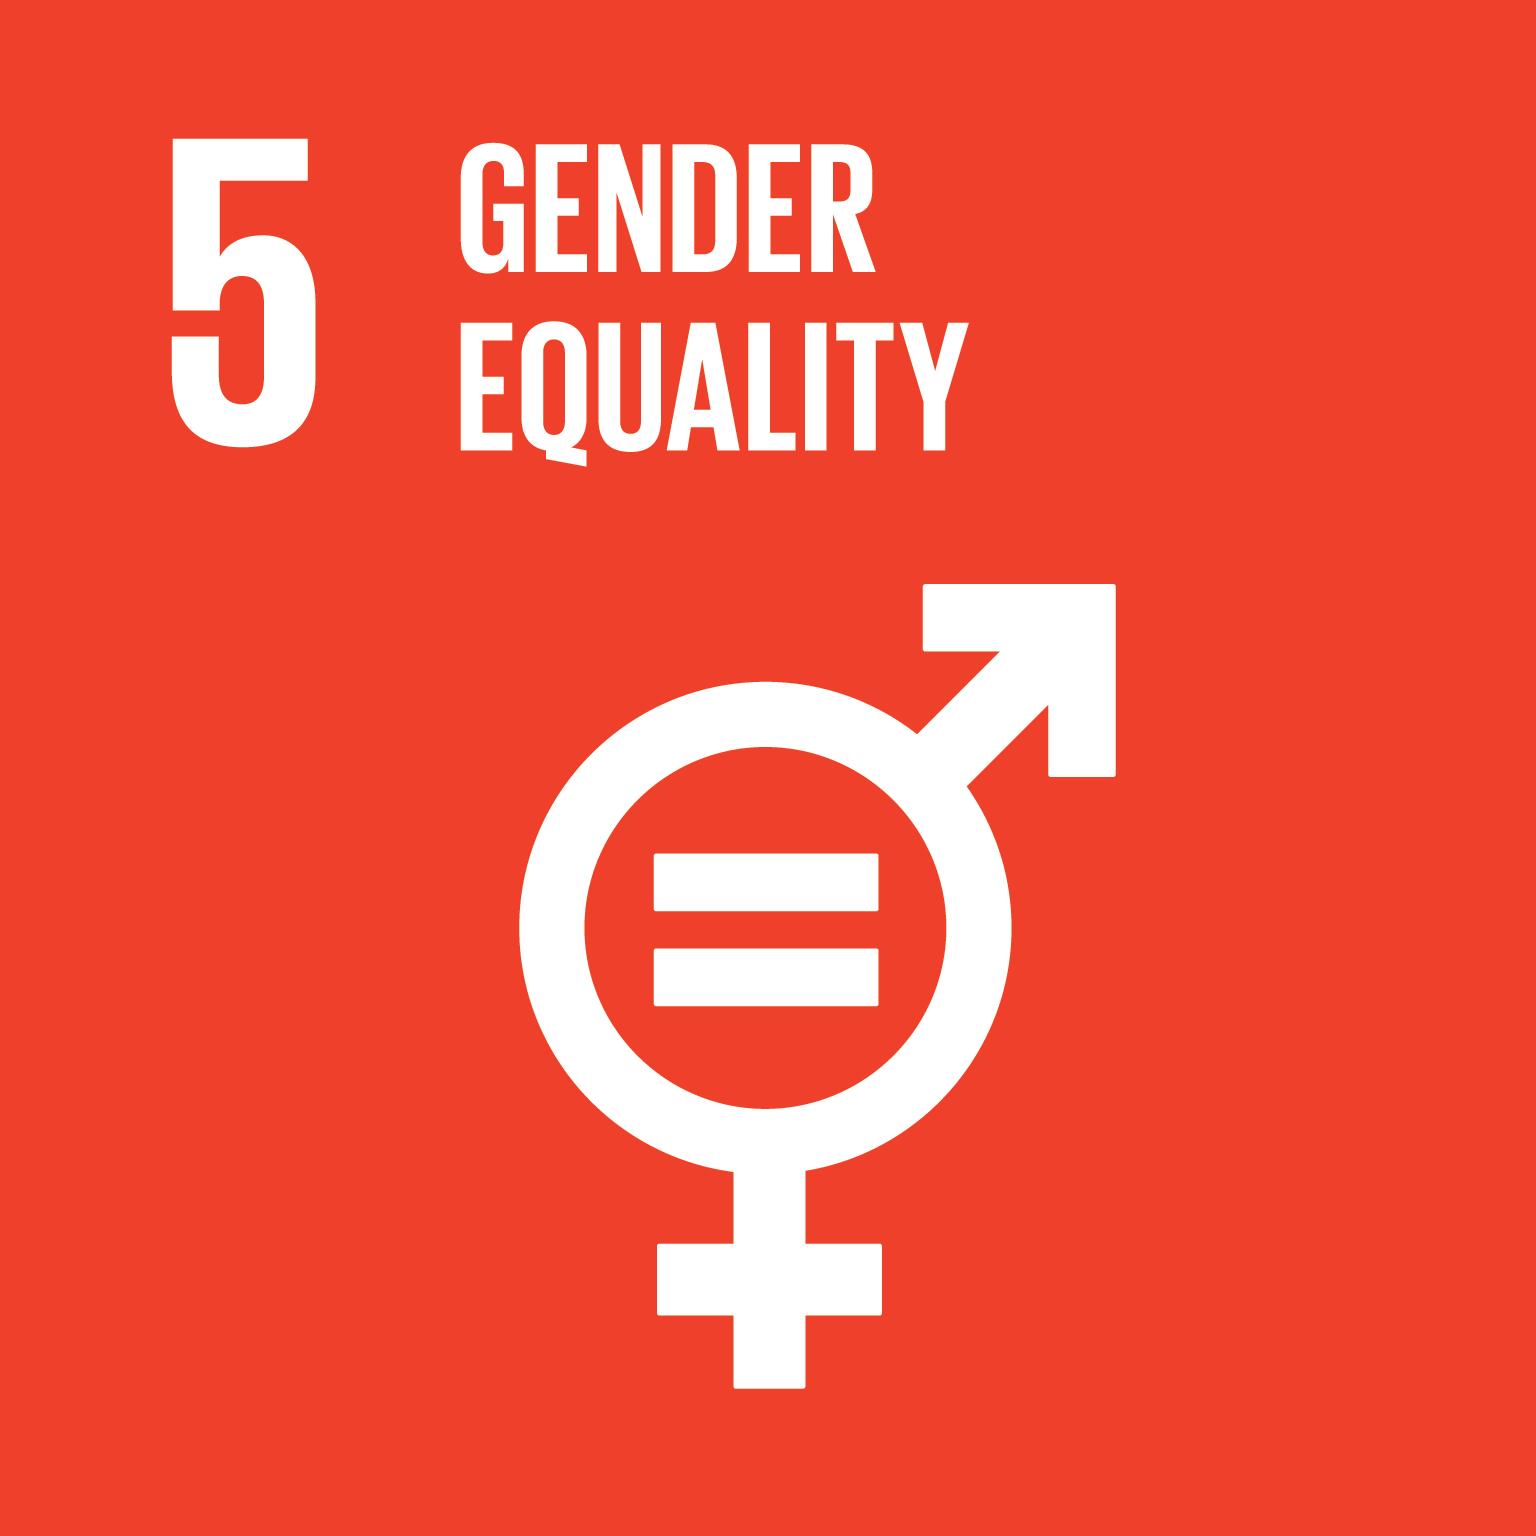 SDG Goal 5 'Gender equality' © UN